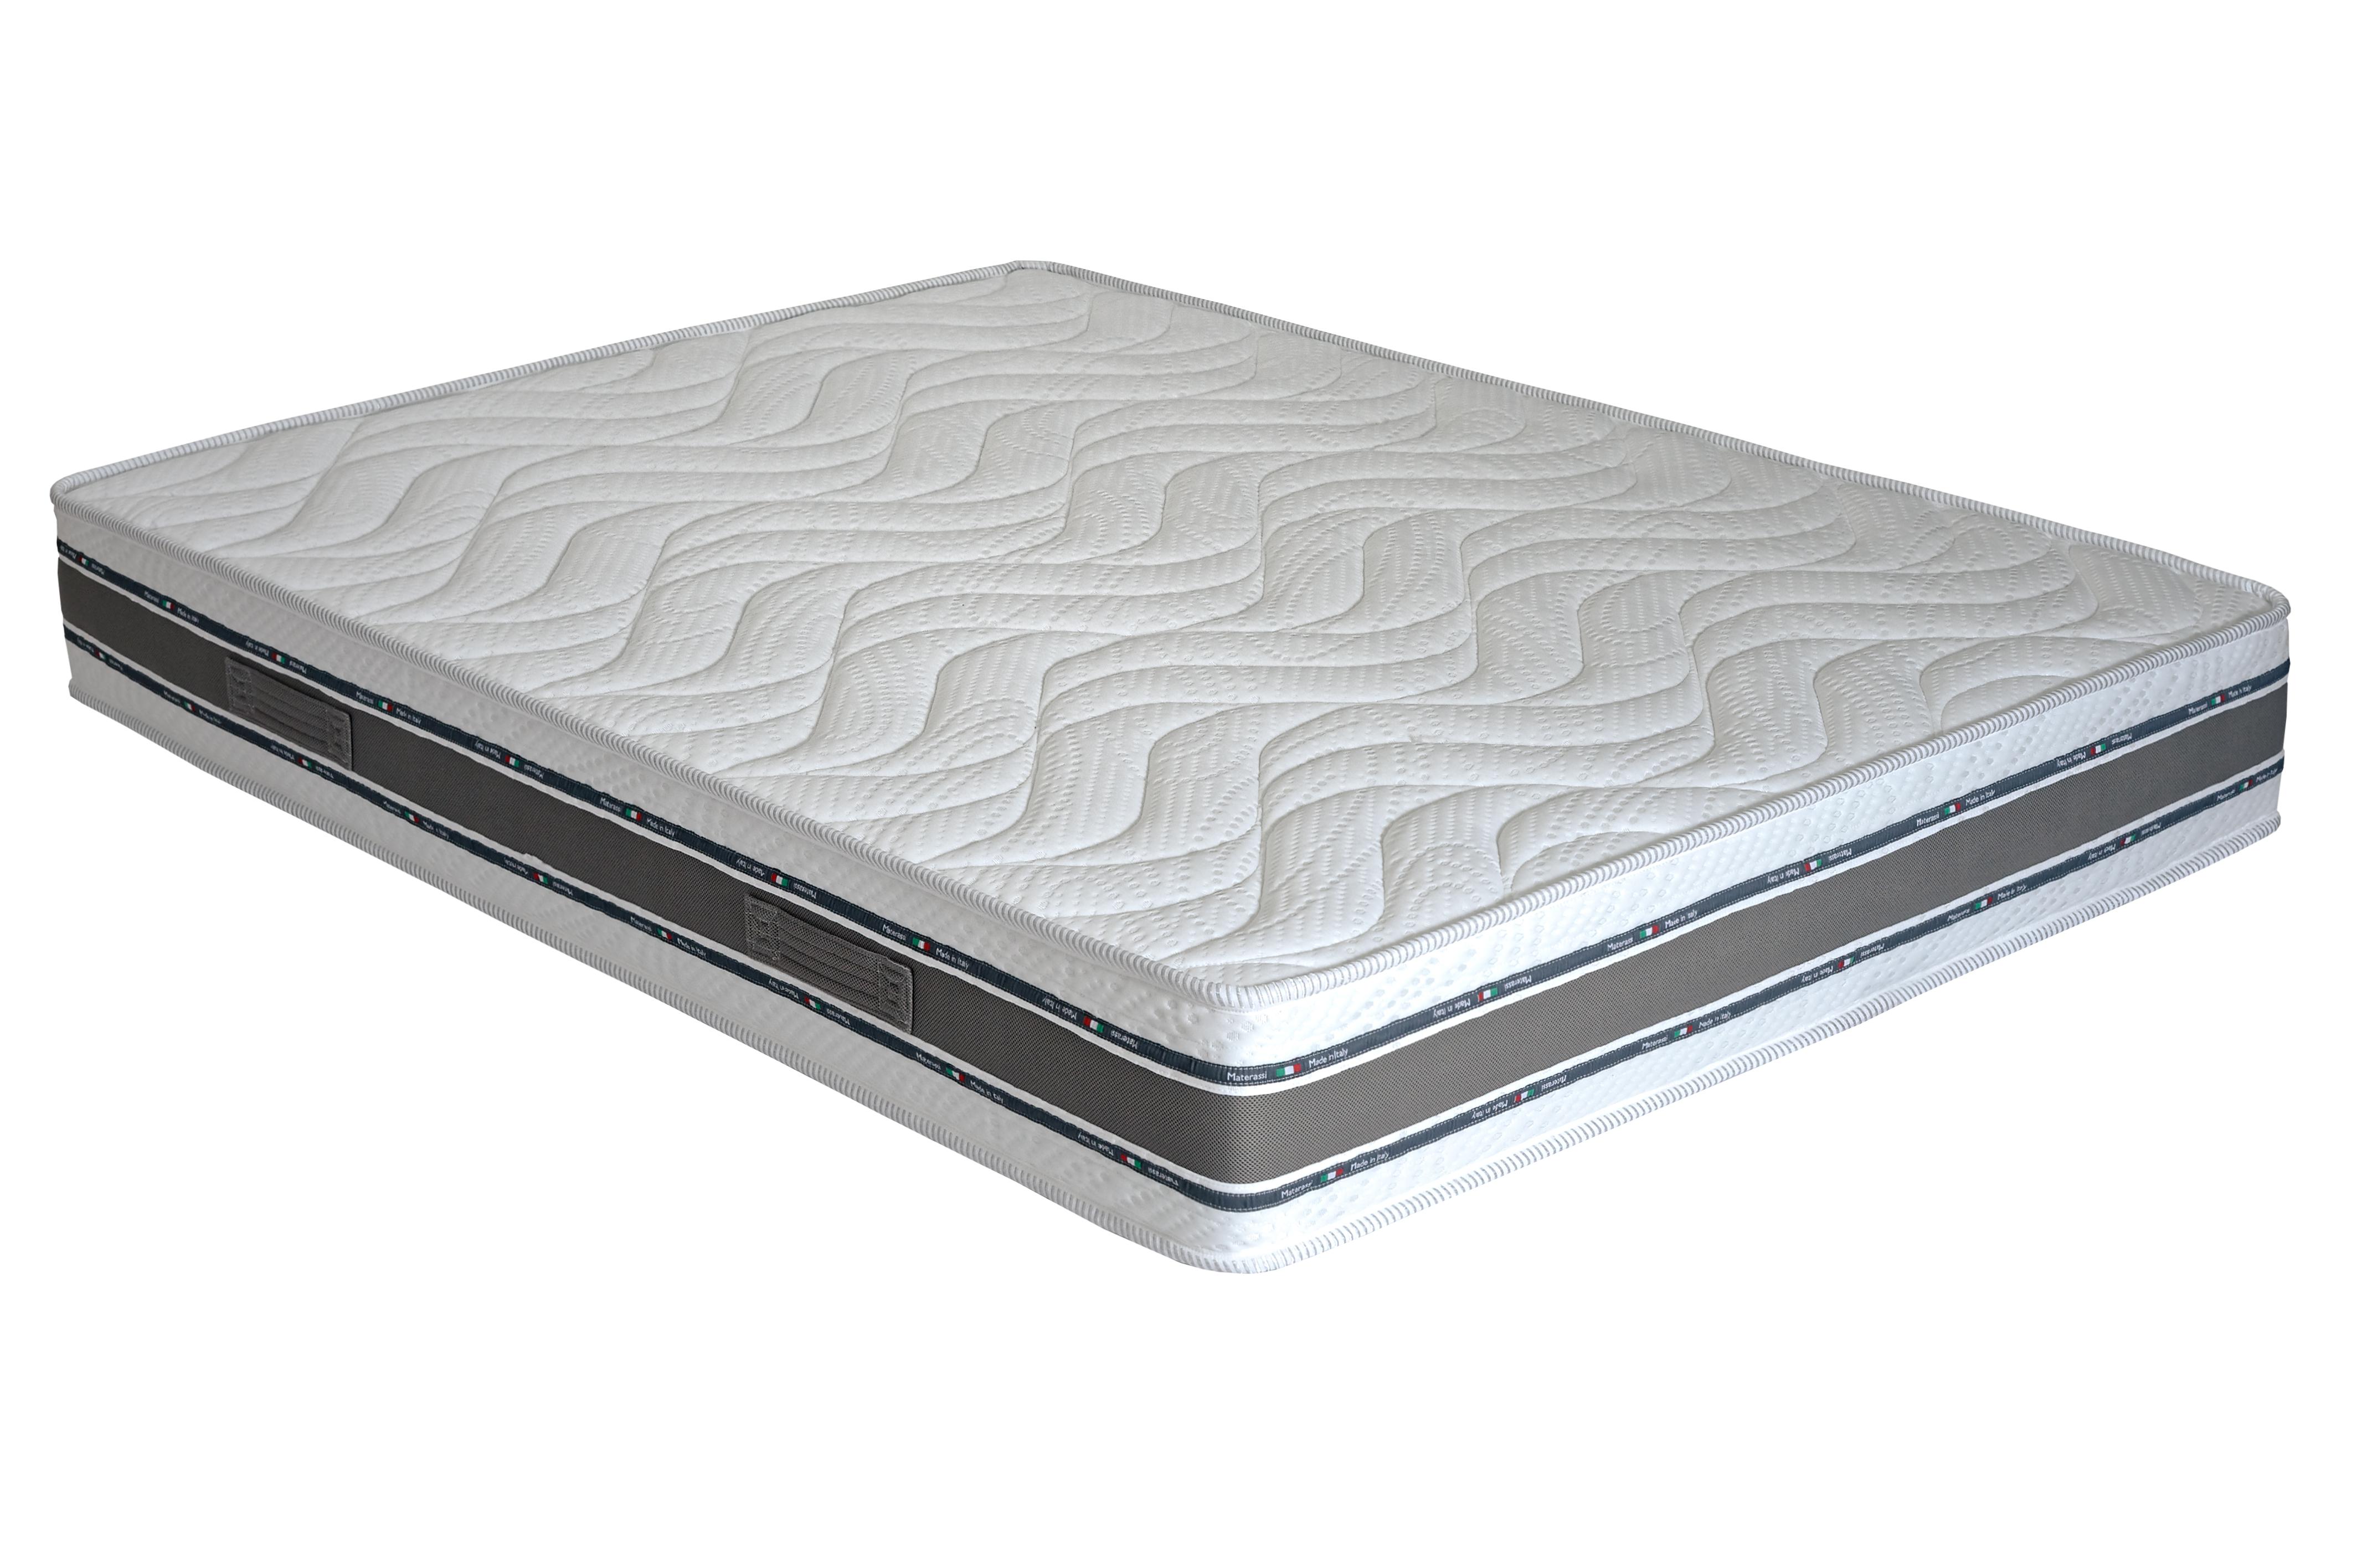 Materassi In Foam.Mattress Maxflex Visco Foam Comfort Touch Materassi